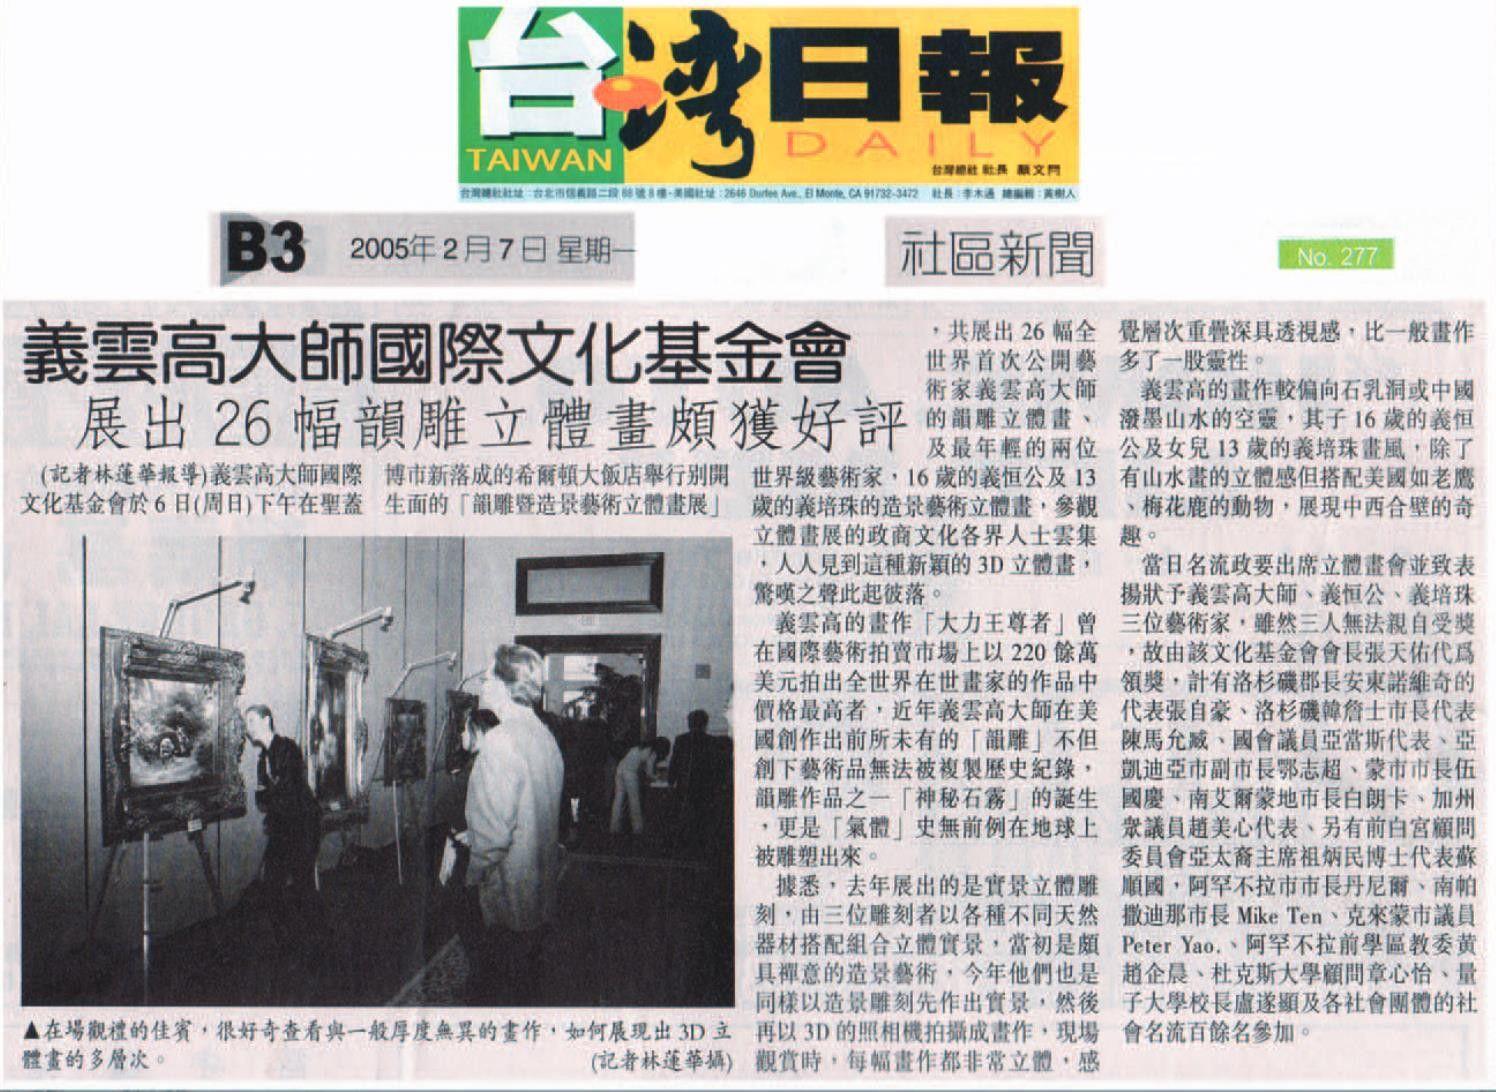 義雲高大師國際文化基金會展出26幅韻雕立體畫獲好評(2005年2月7日刊載於臺灣日報)